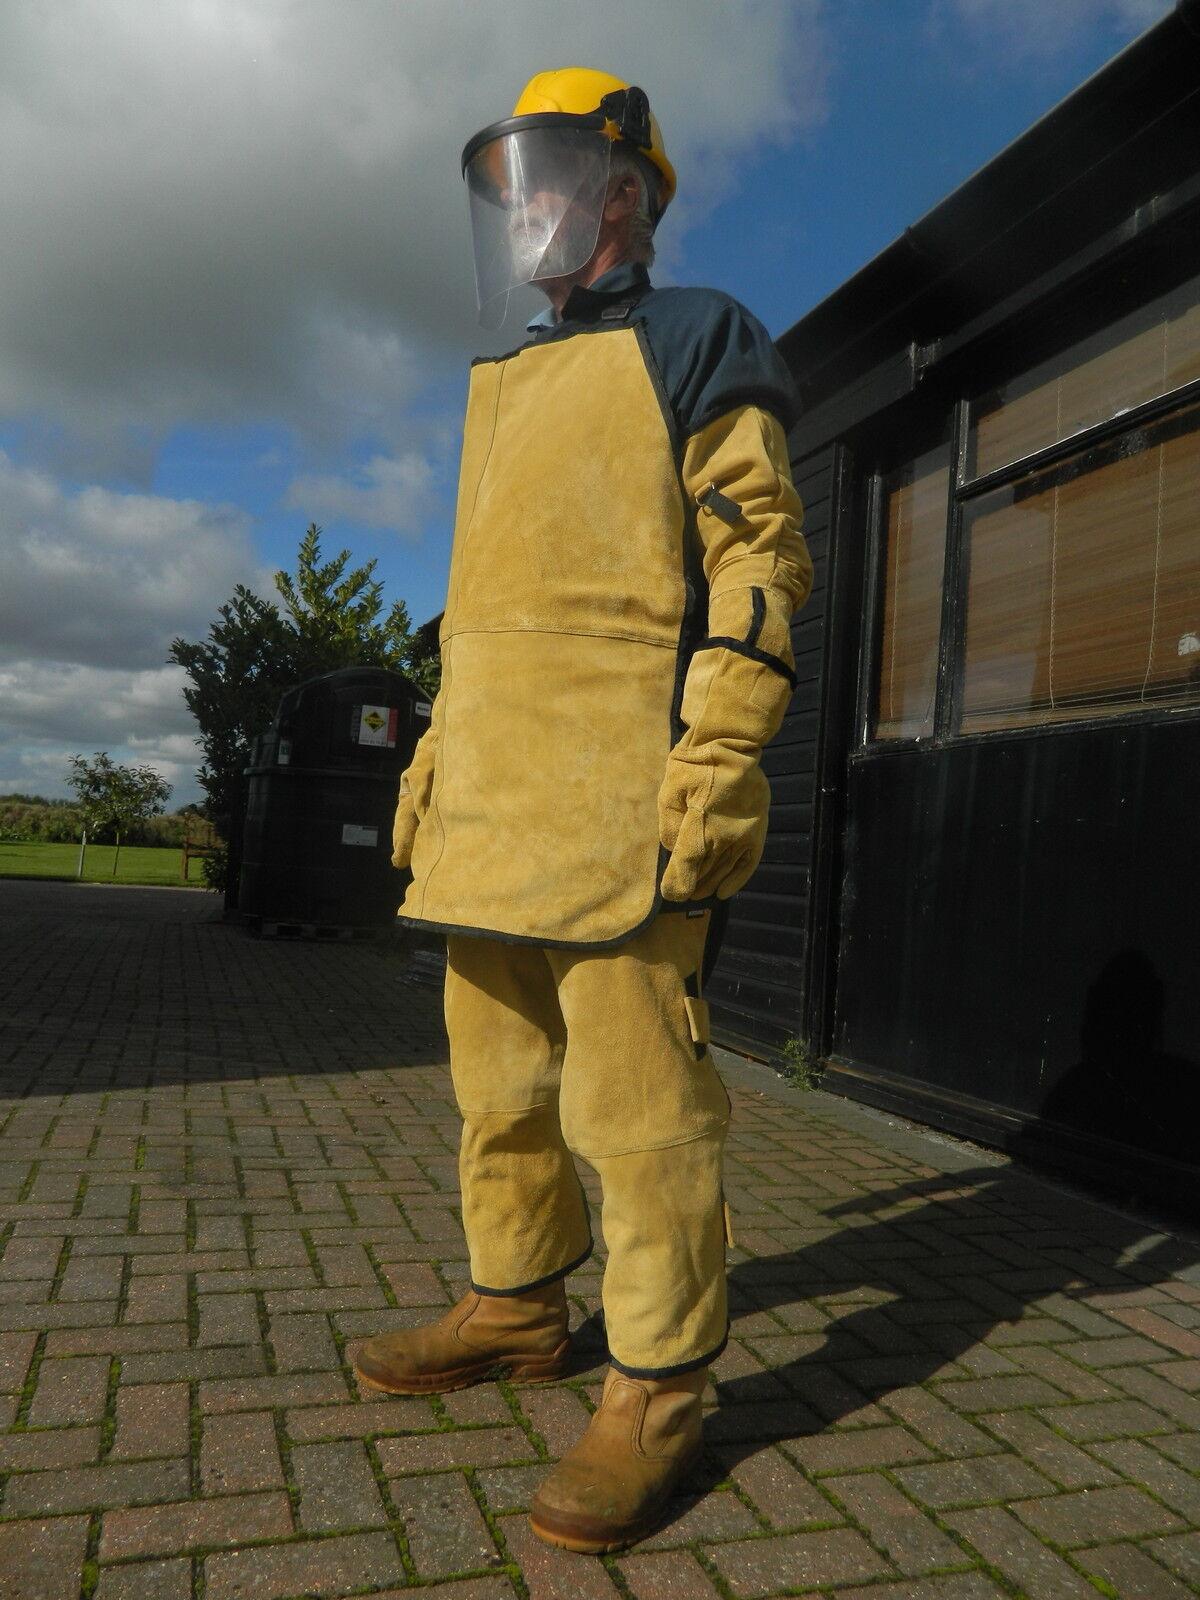 Delantal de razorpro Cuerpo Projoector-Razorwire PPE